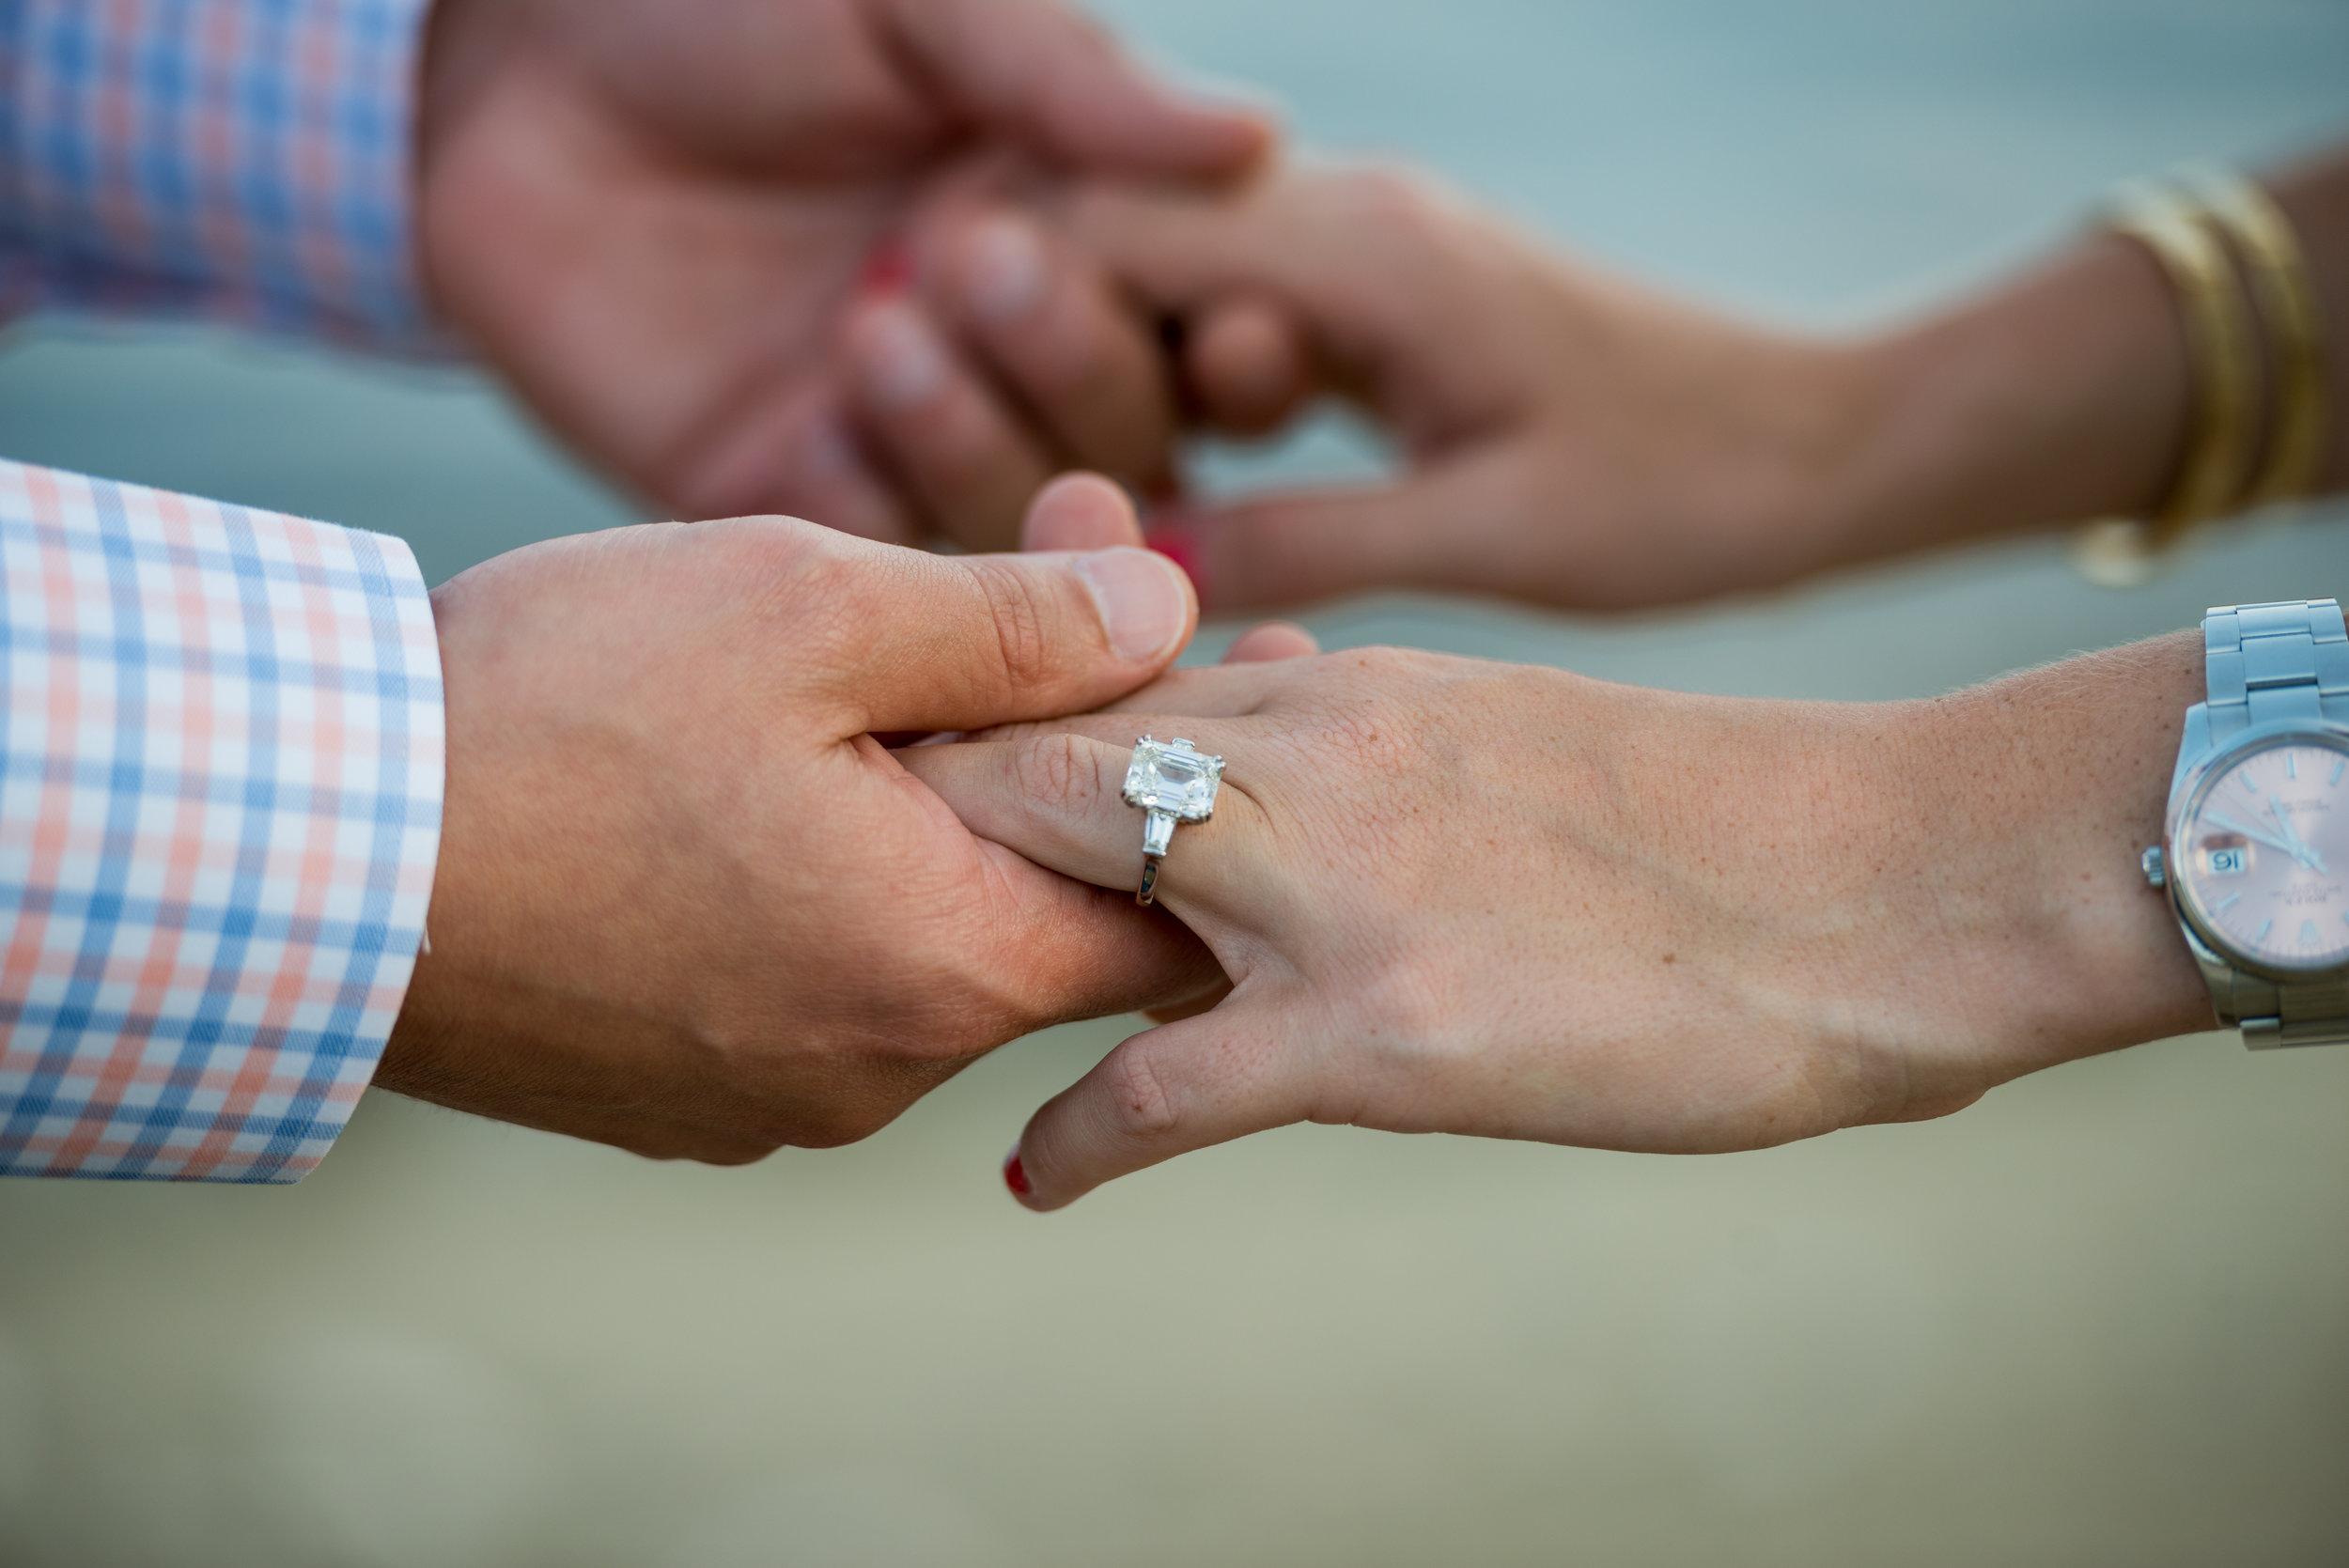 Proposal-Photos-091617-44.jpg